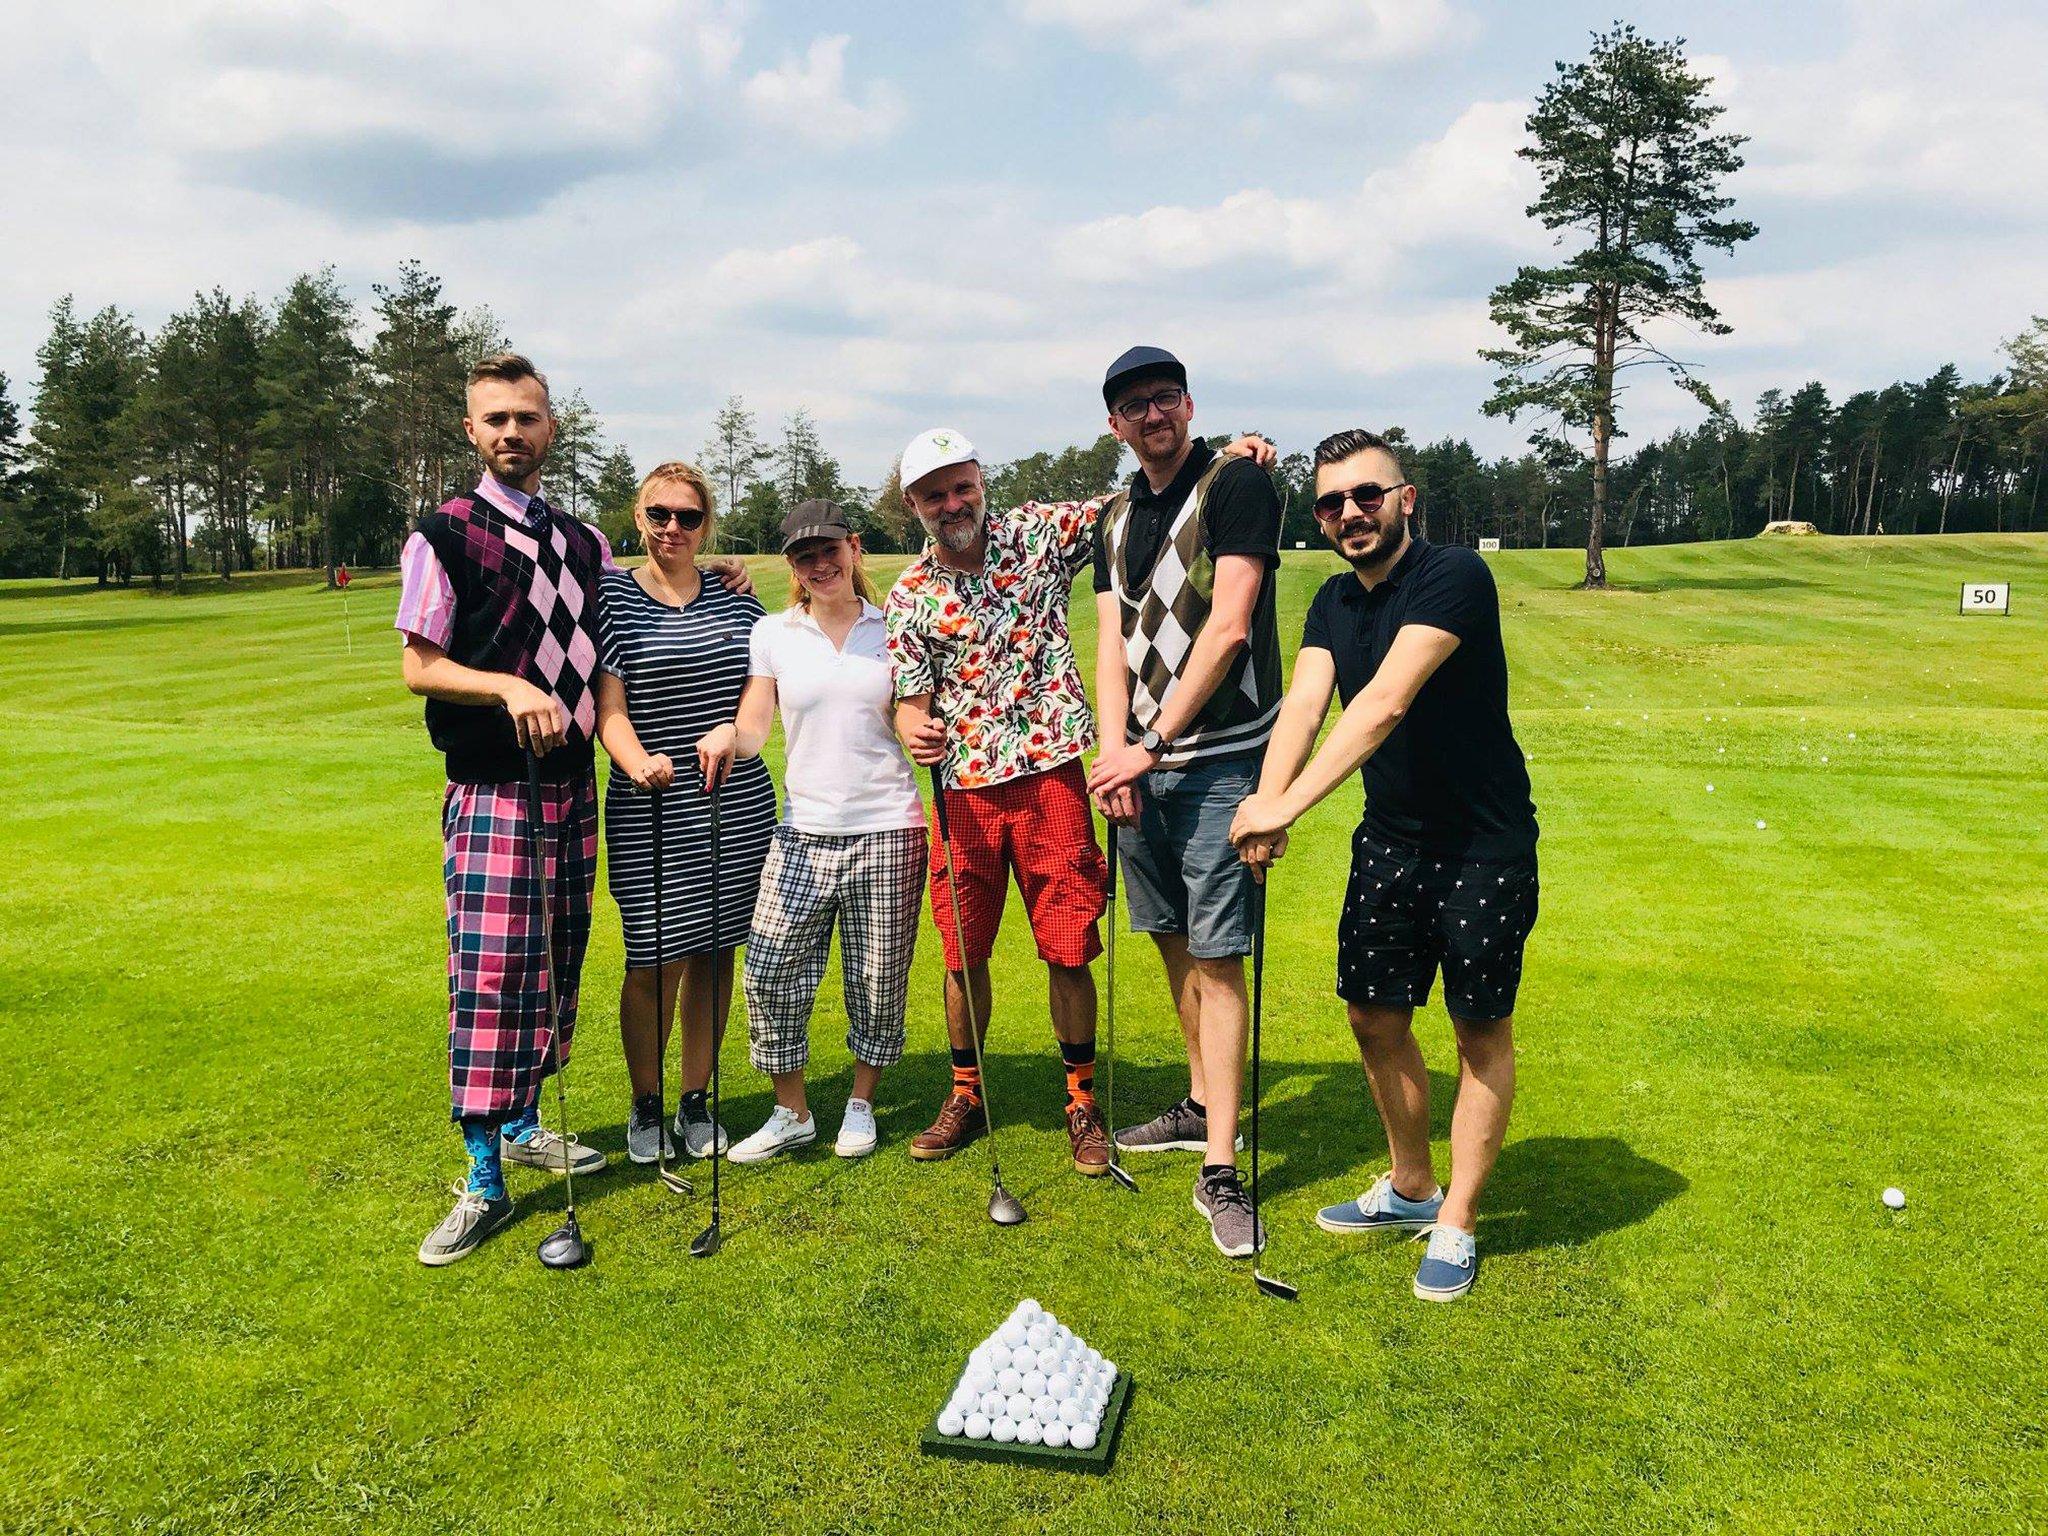 Akademia golfa zajęcia grupowe Karolinka